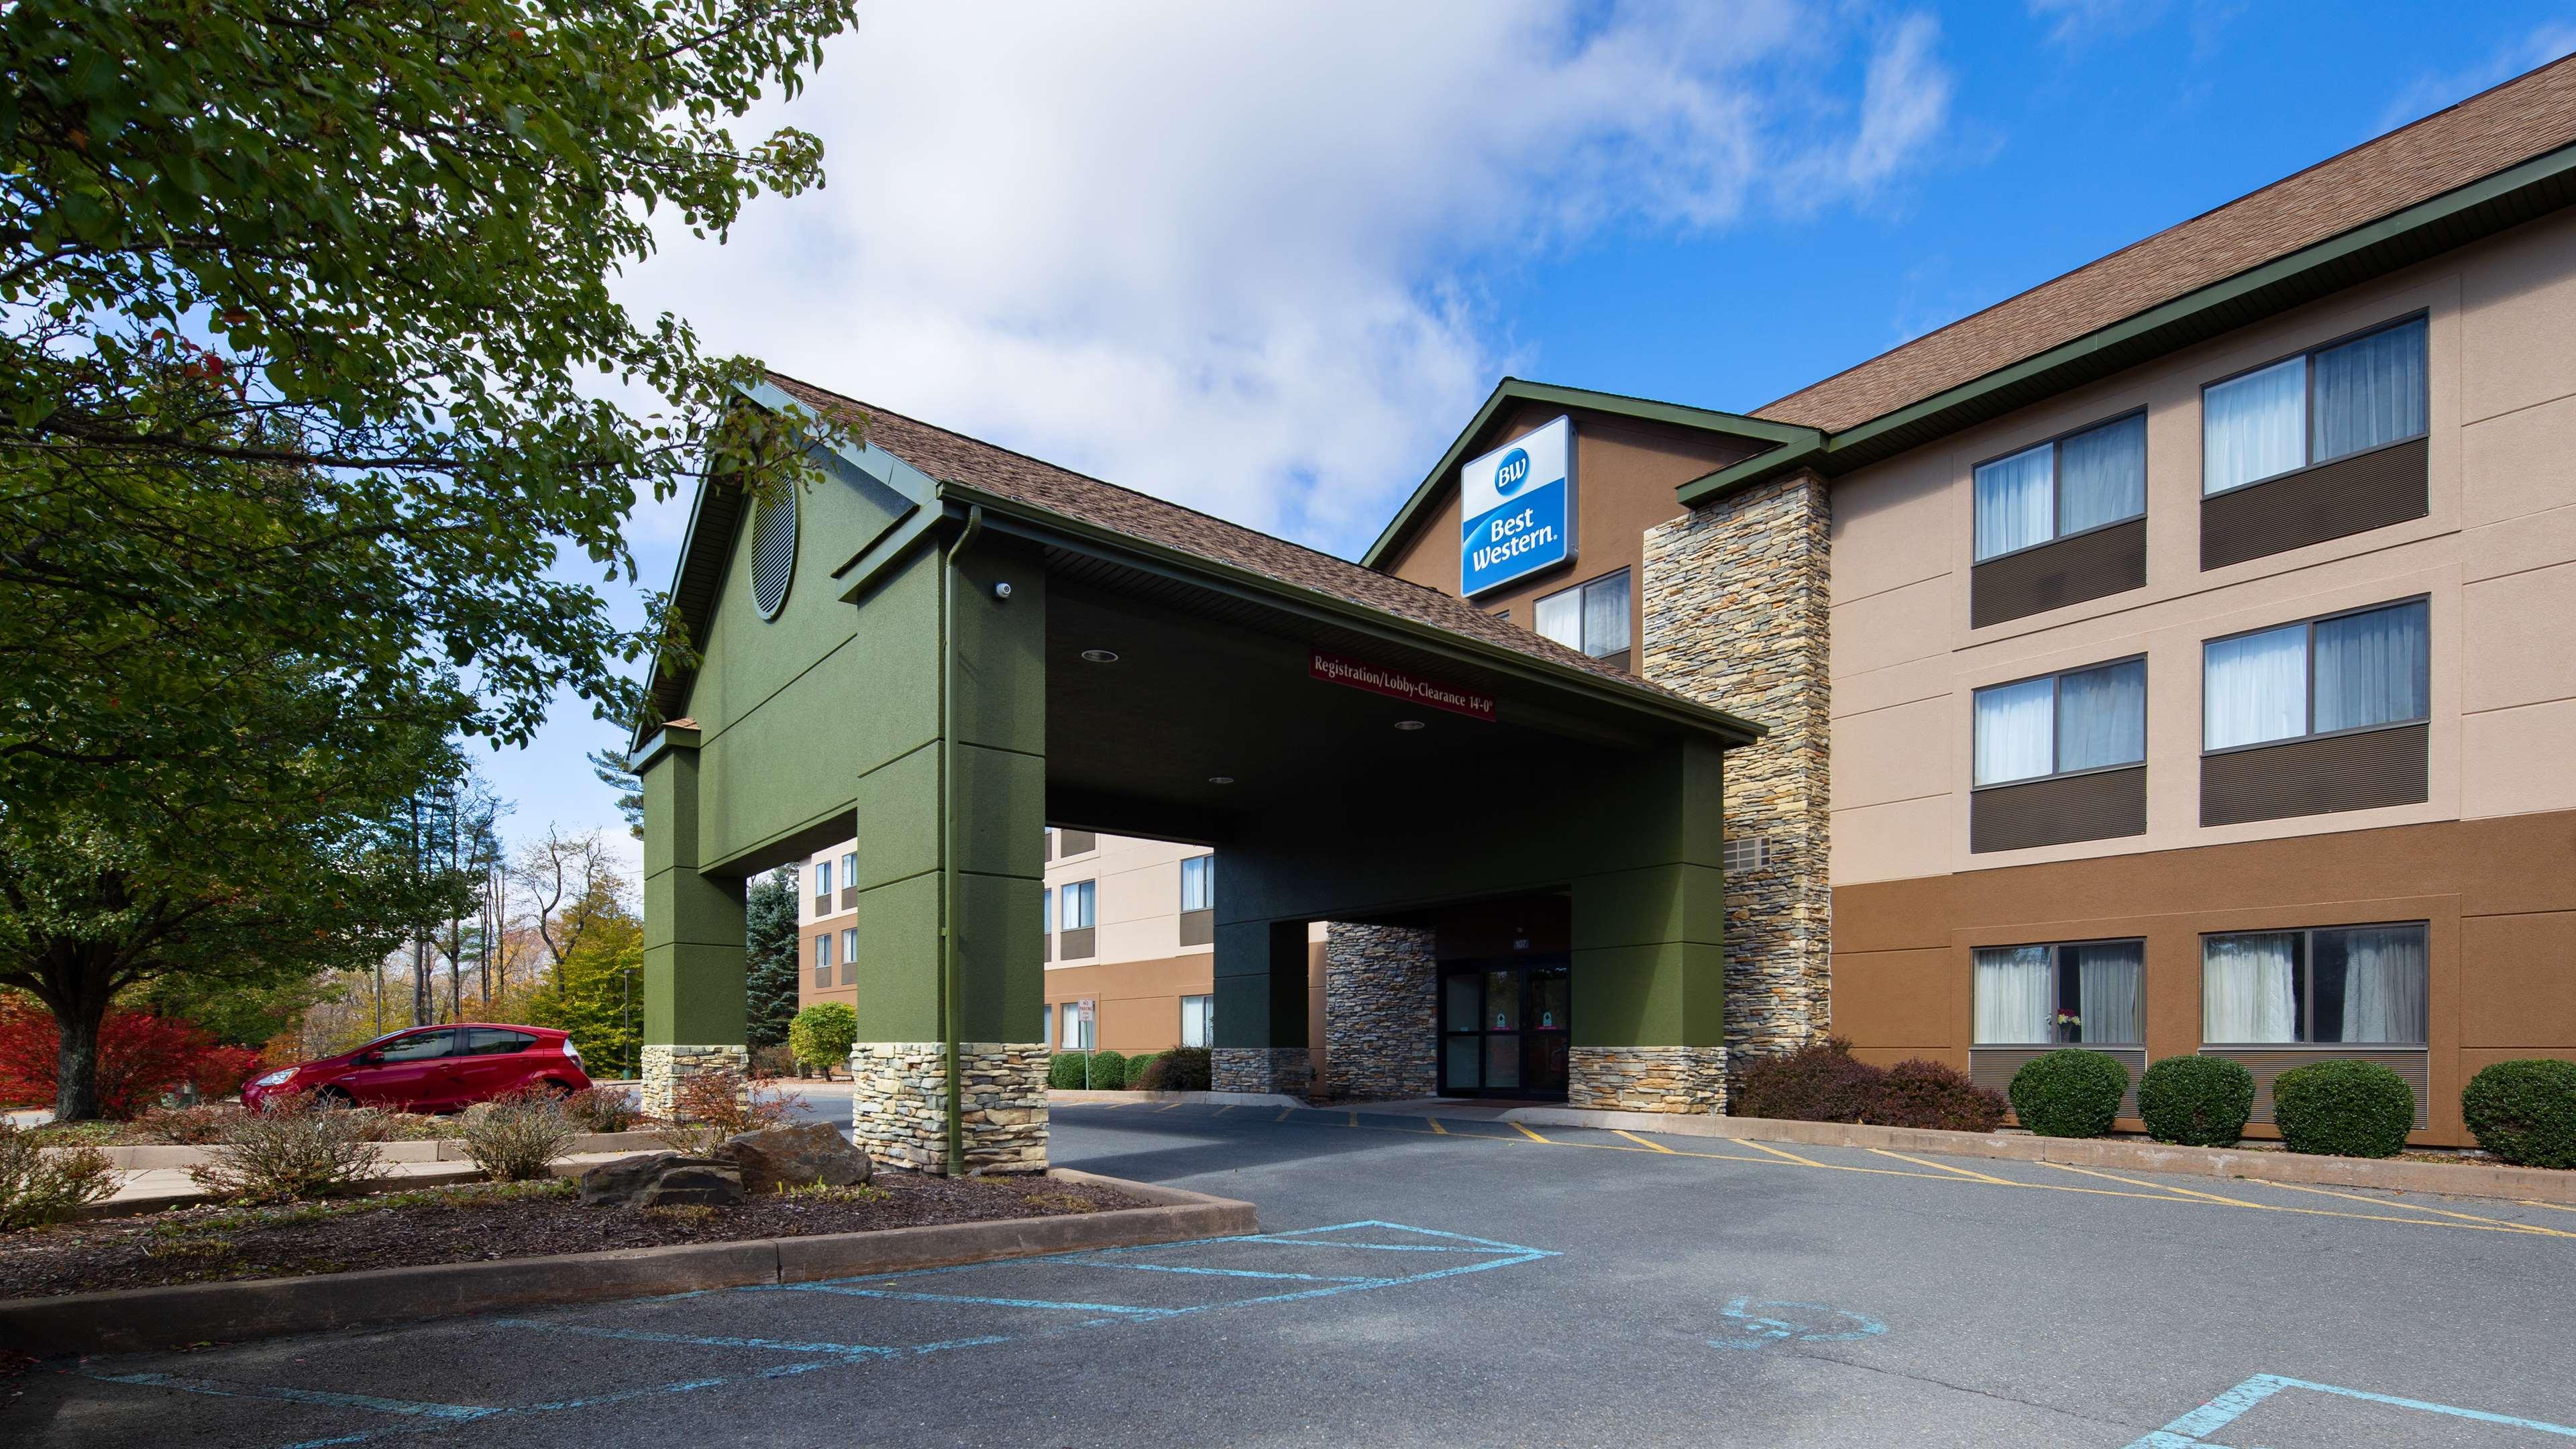 Best Western Inn at Blakeslee-Pocono image 0